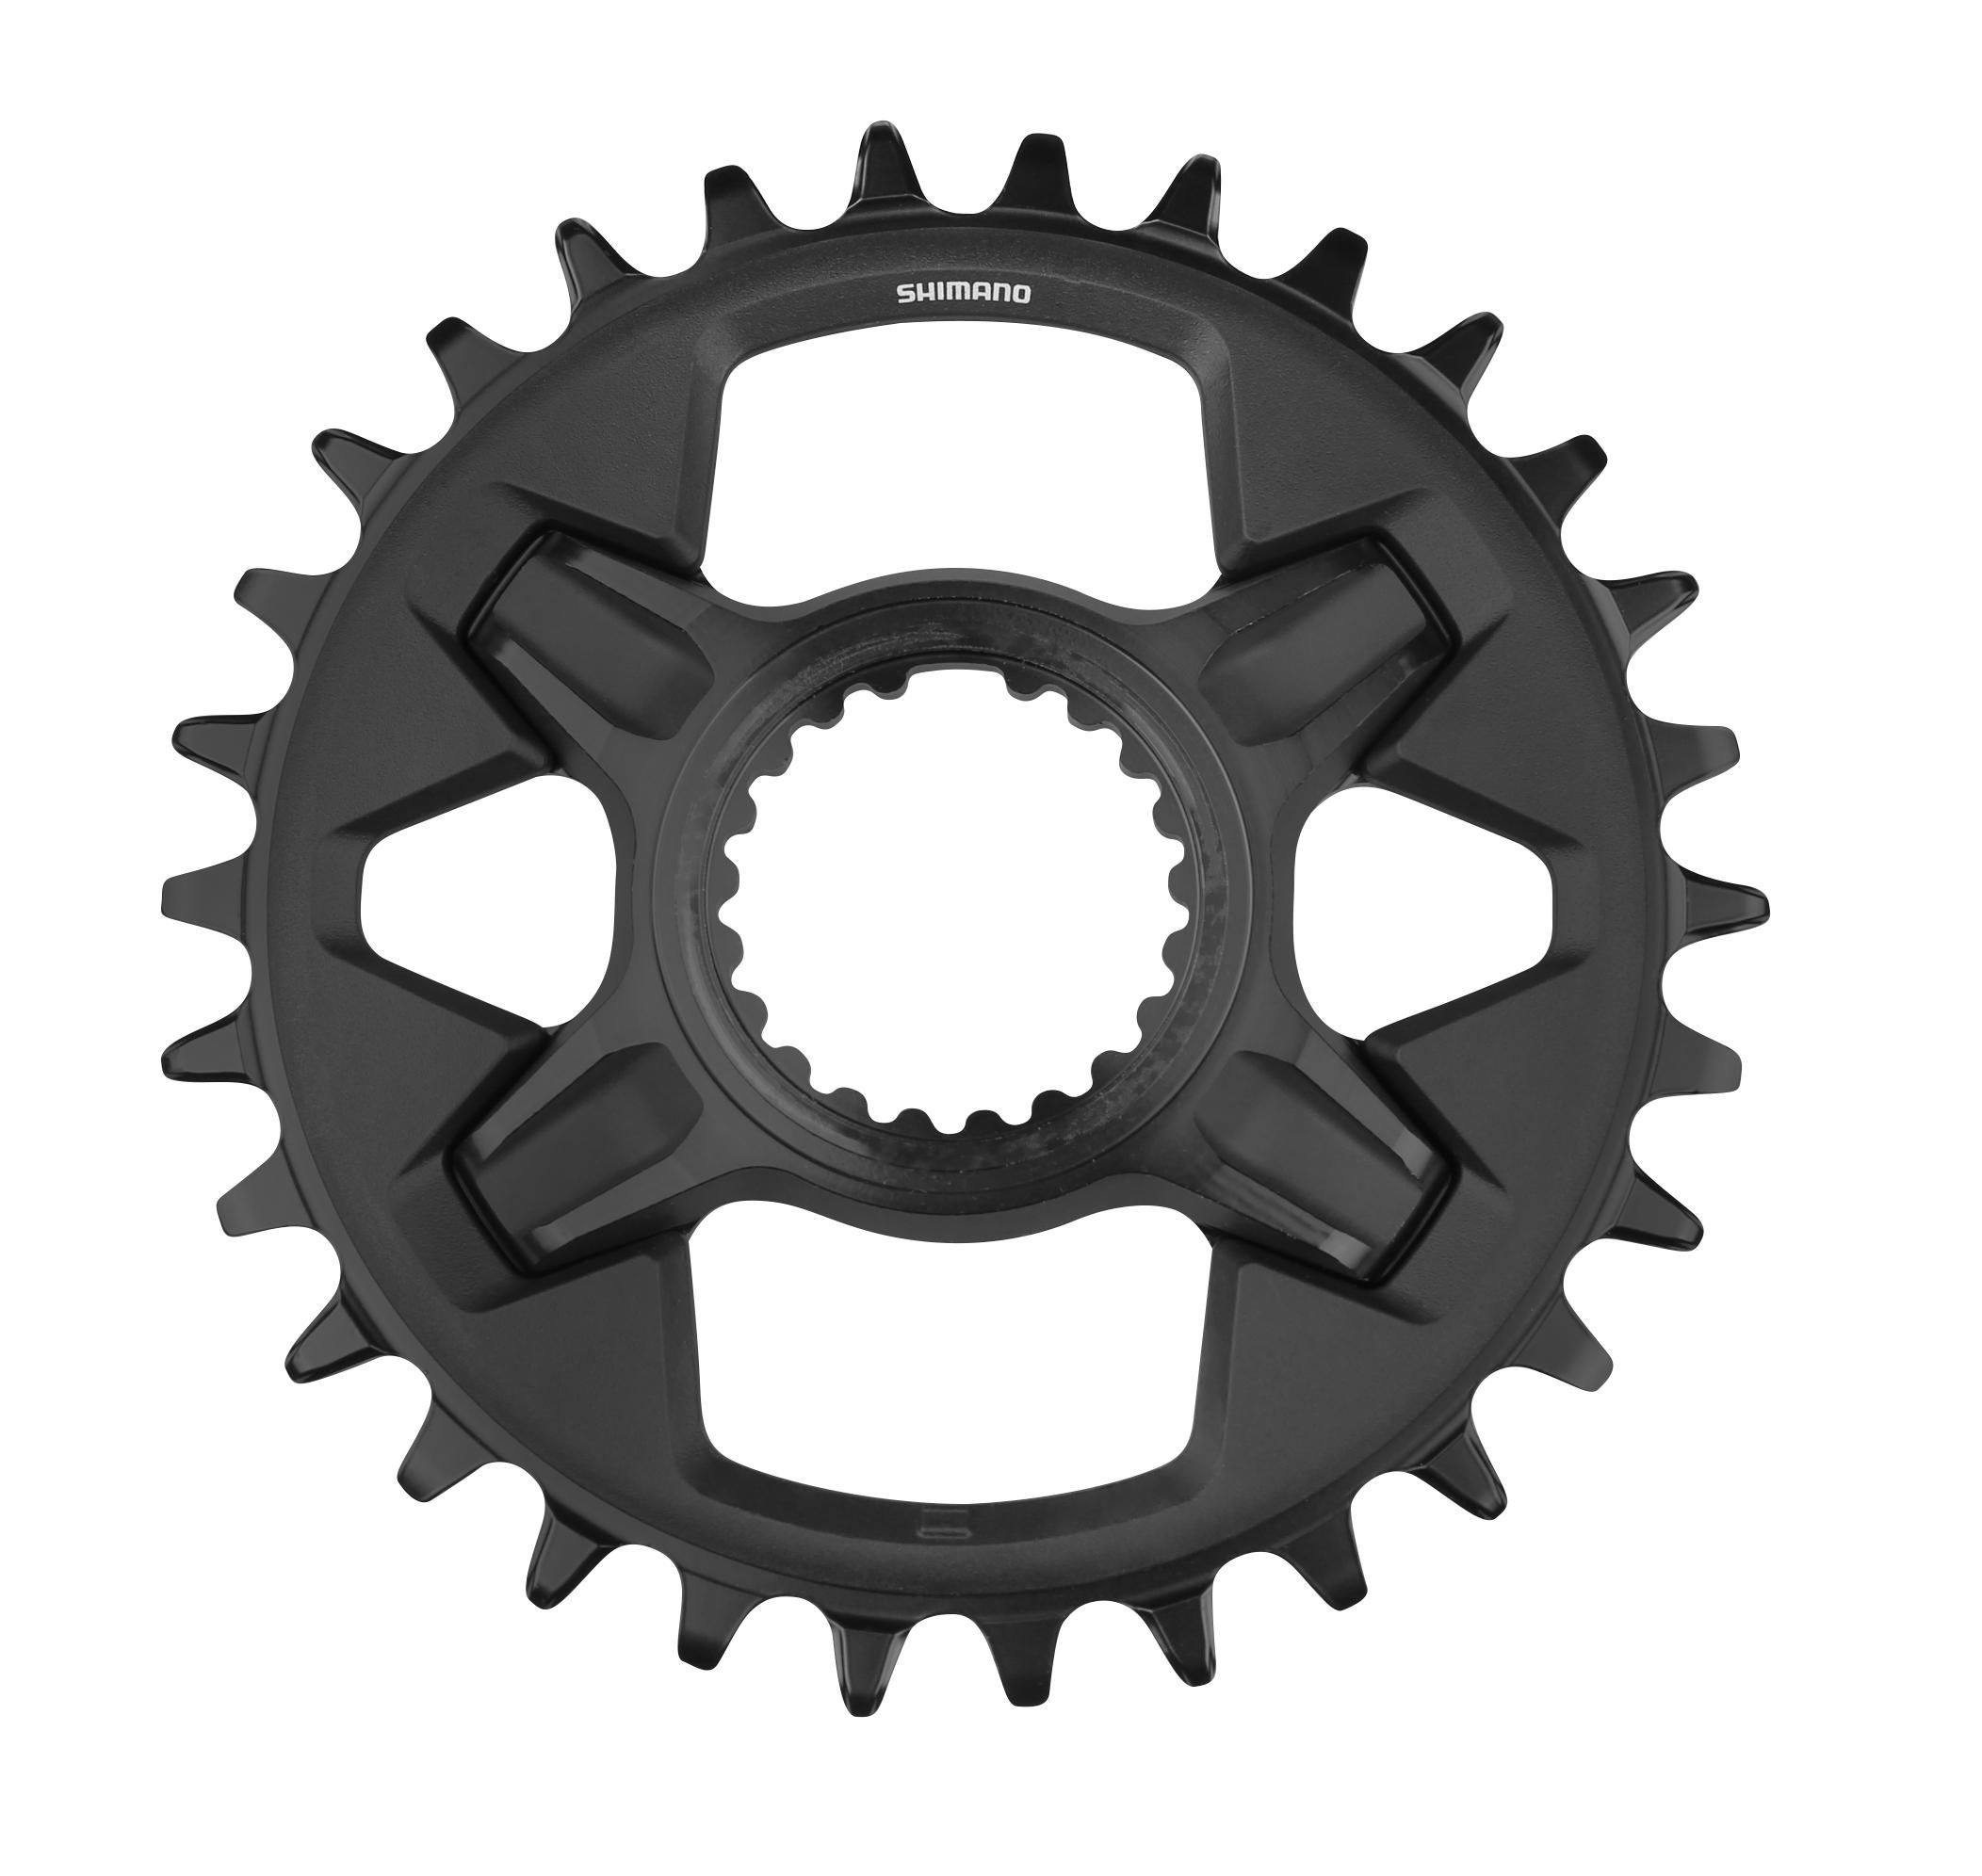 převodník na kliky MTB Shimano XT FC-M8100 12 kolo 32 zubů ninex.cz